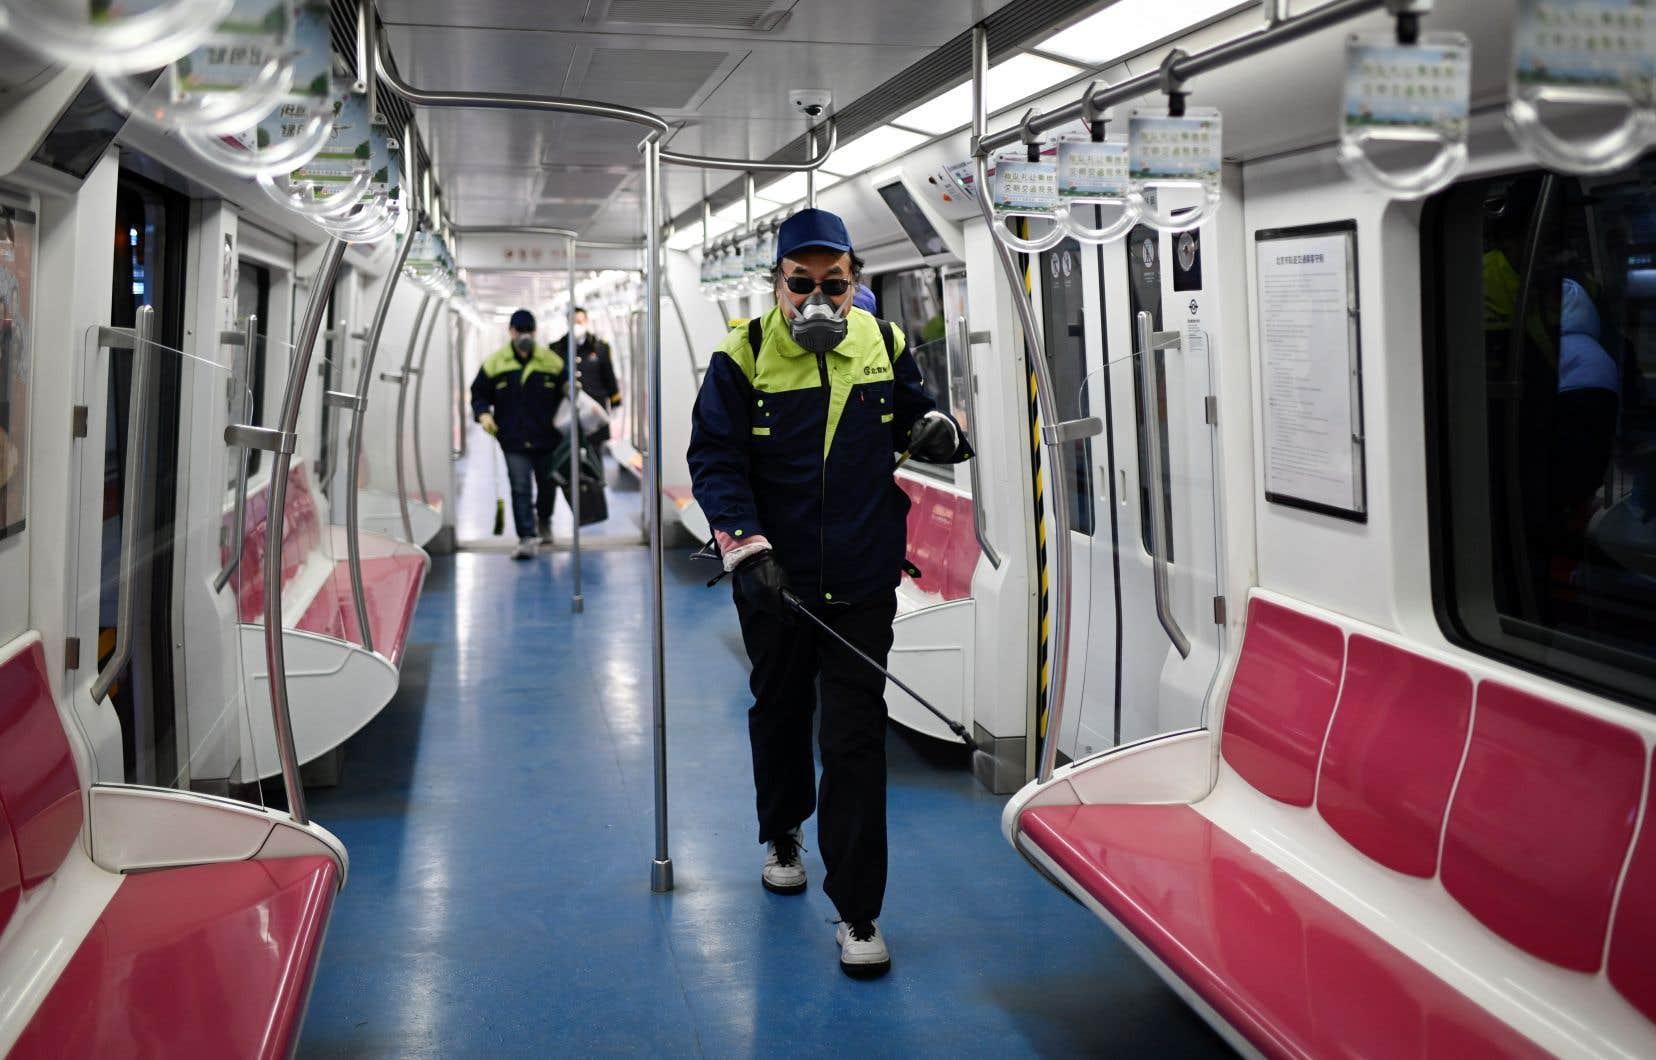 Le métro de Pékin n'enregistrait lundi que 50% de sa fréquentation normale pour un jour de semaine, selon les médias publics.